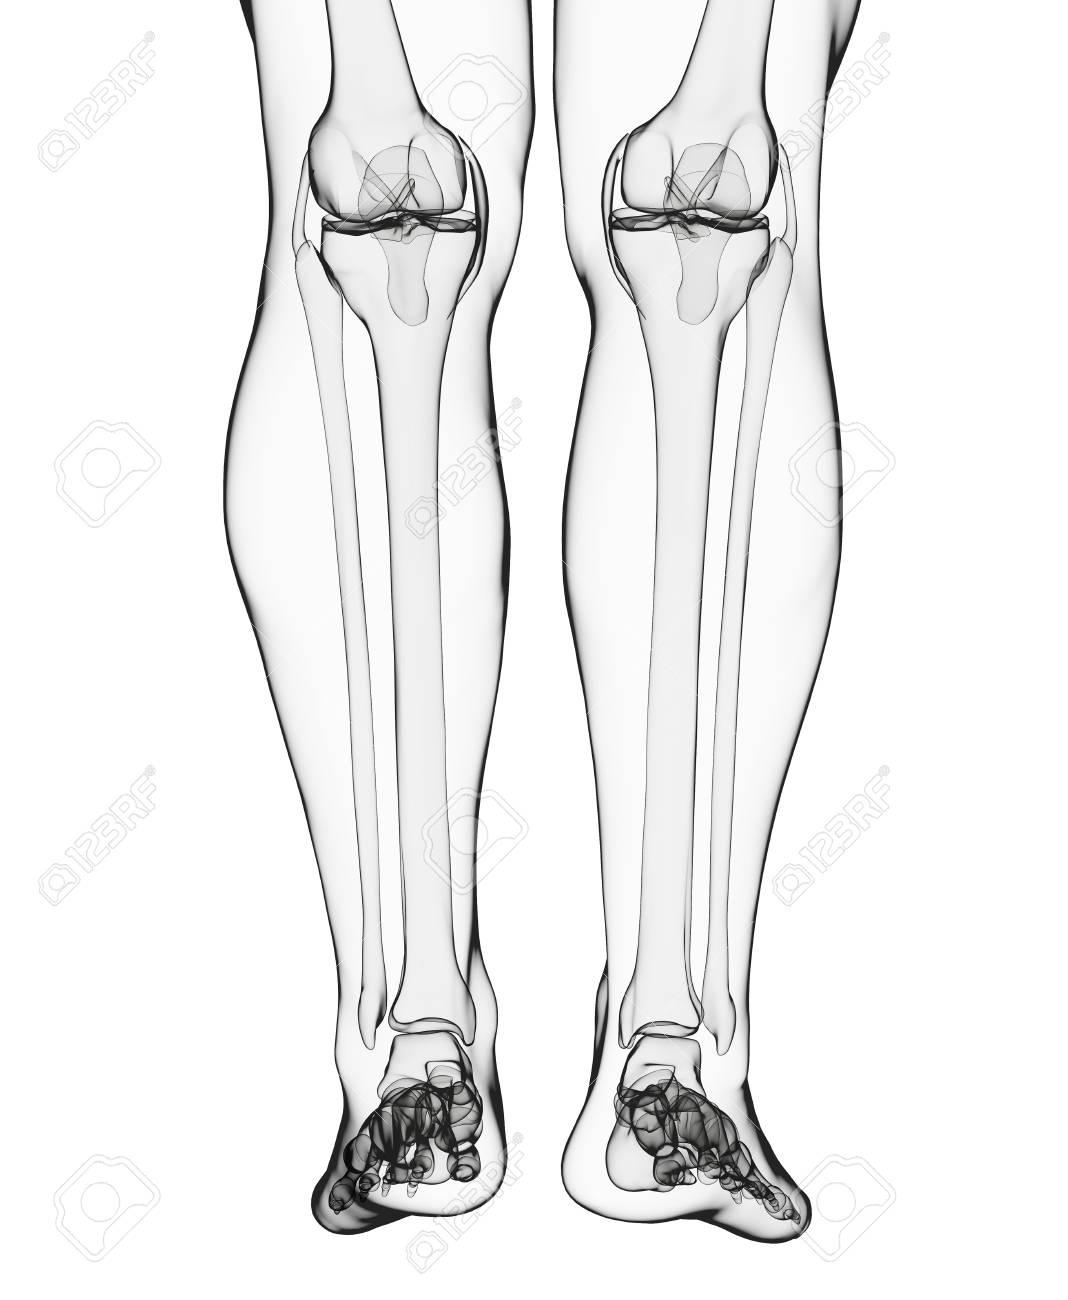 Asombroso Foto De Huesos De Las Piernas Humanas Foto - Anatomía de ...